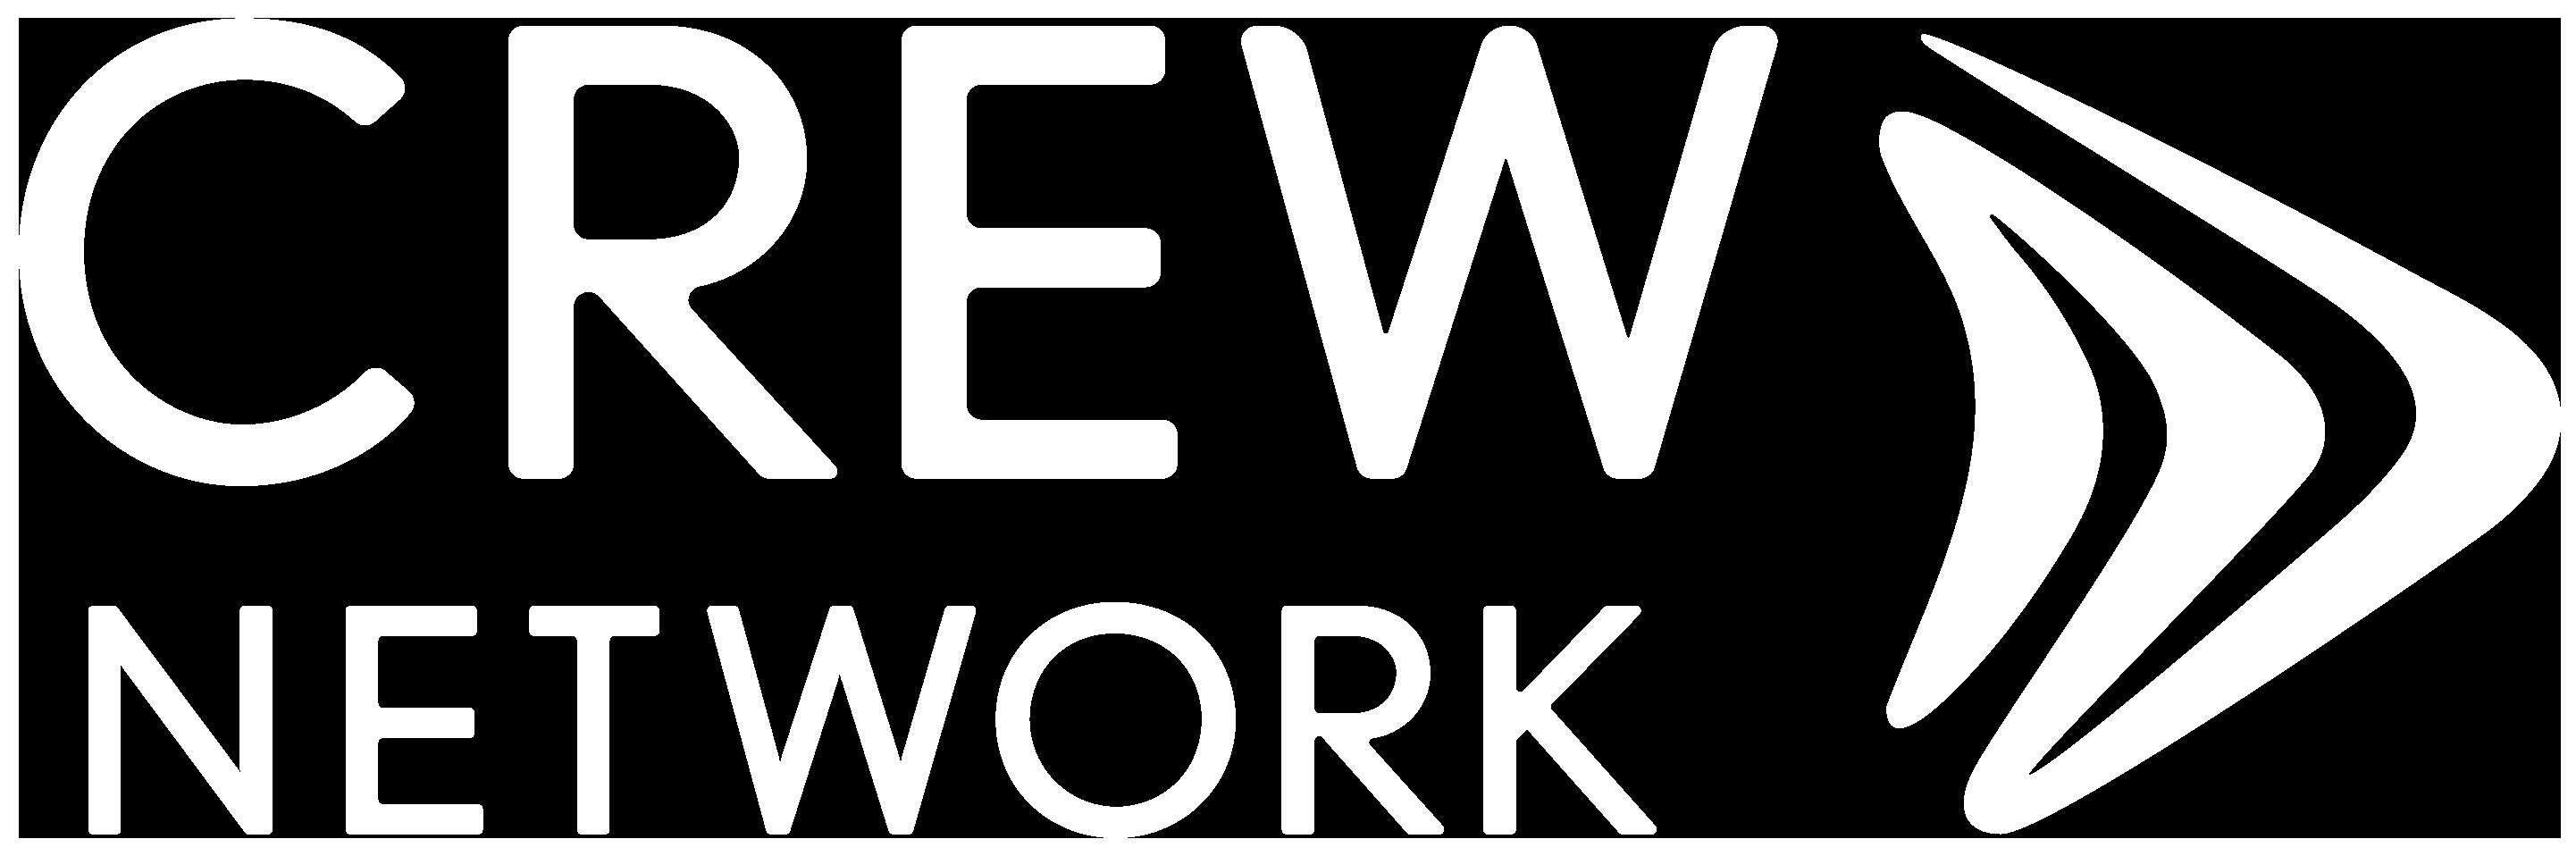 CREW Network